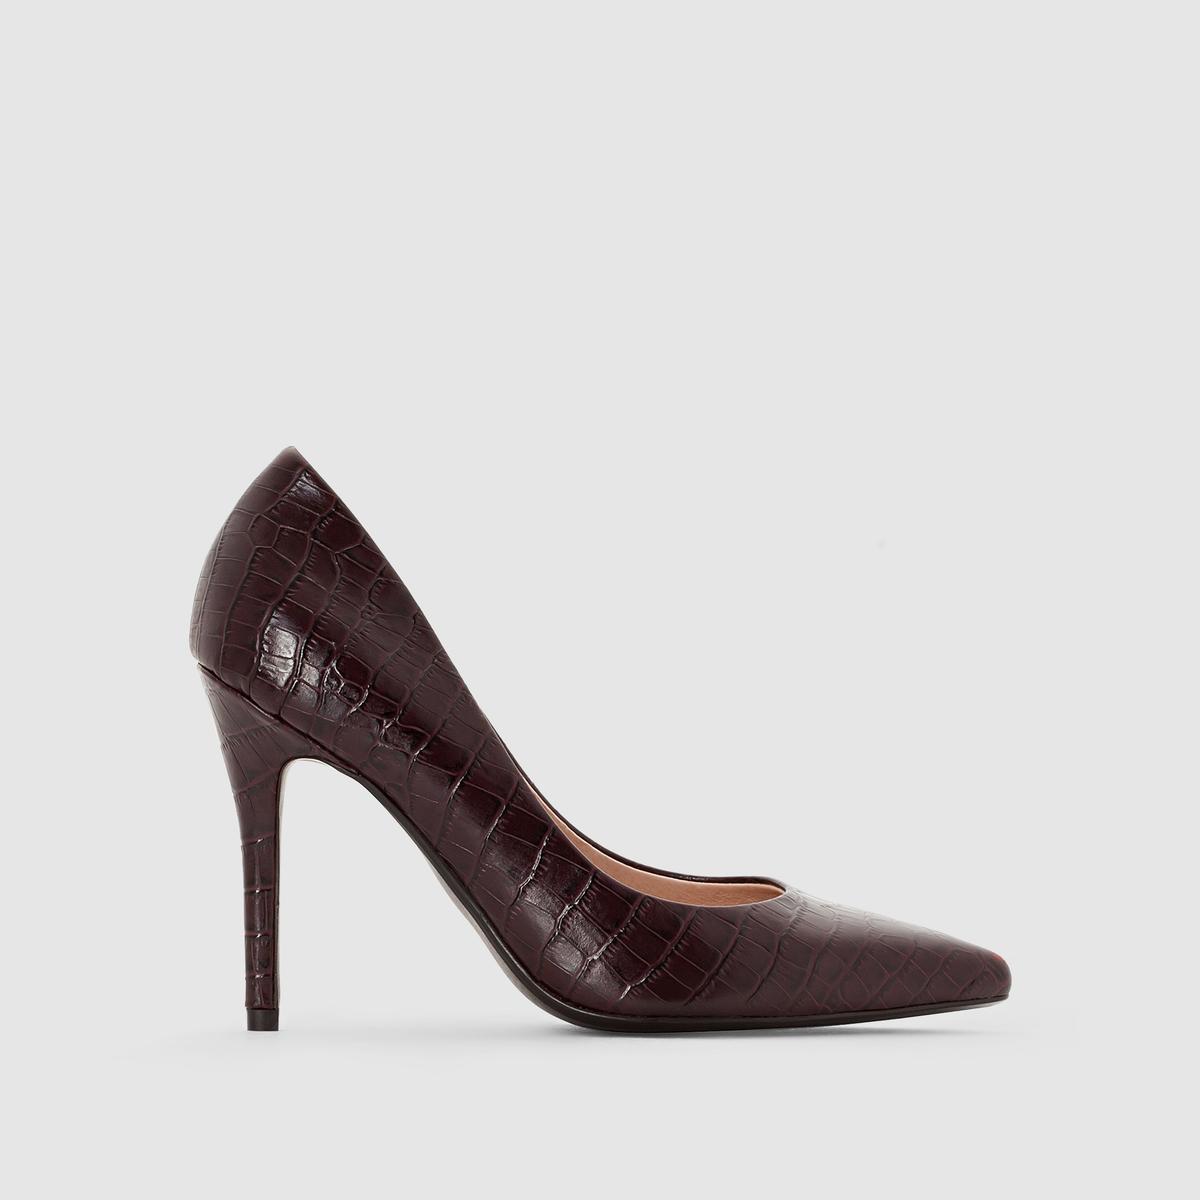 Туфли-лодочки под крокодиловую кожуВерх : синтетика под крокодиловую кожуПодкладка : кожаСтелька : кожаПодошва : эластомерВысота каблука : 10 смФорма каблука : Шпилька.Мысок : тонкий мысокМарка: Atelier R.без застежки<br><br>Цвет: бордовый,черный<br>Размер: 41.41